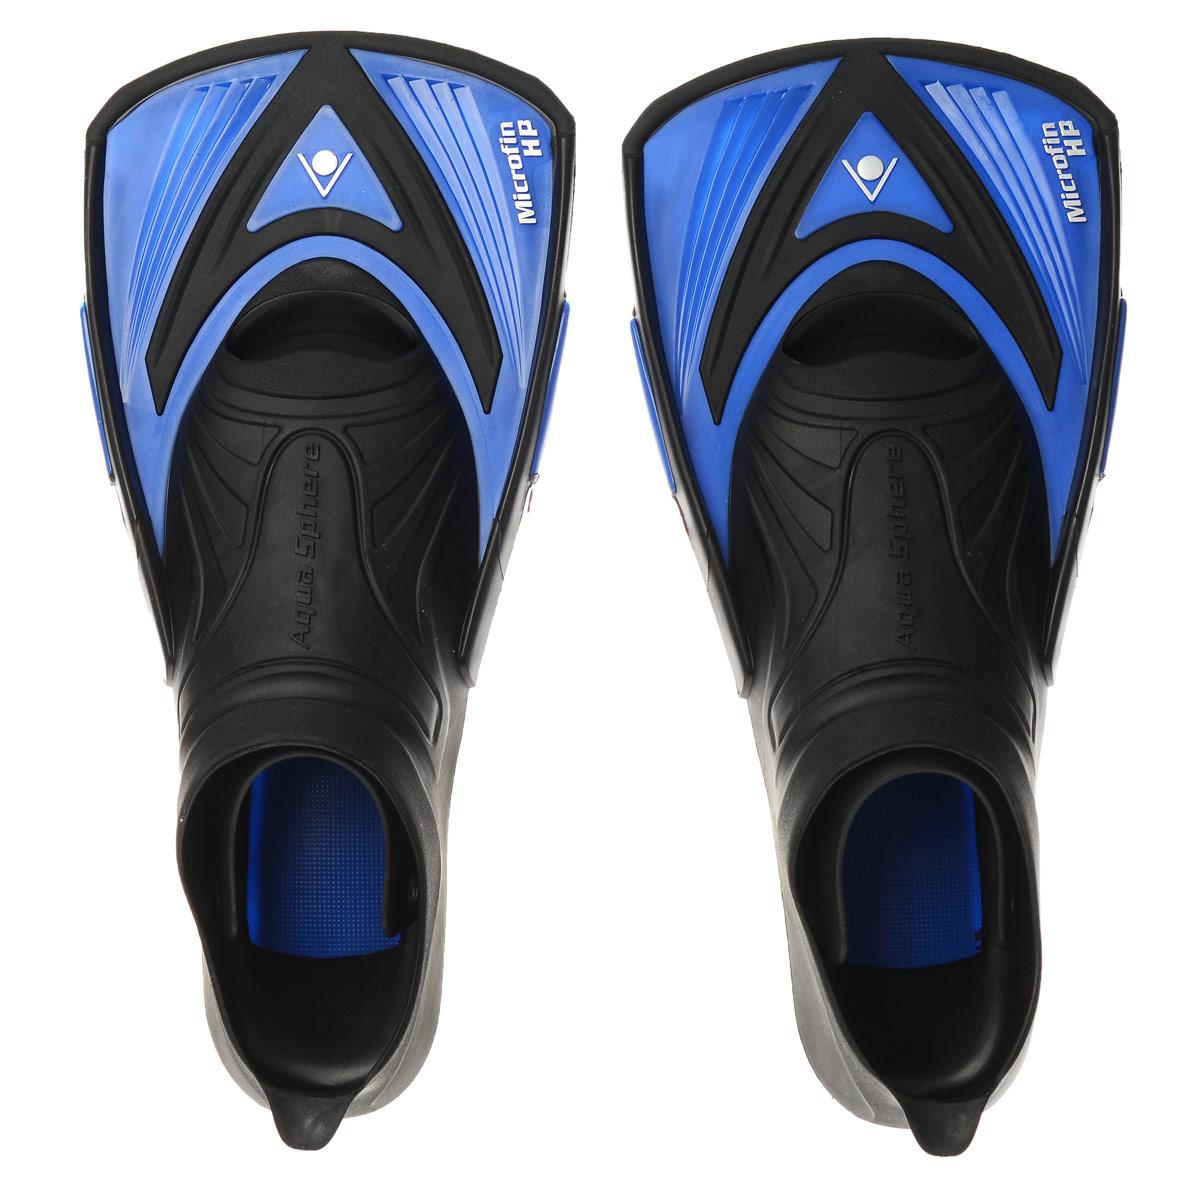 Ласты тренировочные Aqua Sphere Microfin HP, цвет: синий, черный. Размер 38/39SM939B-1122Aqua Sphere Microfin HP - это ласты для энергичной манеры плавания, предназначенные для серьезных спортивных тренировок. Уникальный дизайн ласт обеспечивает достаточное сопротивление воды для силовых тренировок и поддерживает ноги близко к поверхности воды - таким образом, пловец занимает правильное положение, гарантирующее максимальную обтекаемость. Особенности:Галоша с закрытой пяткой выполнена из прочного термопластика.Короткие лопасти удерживают ноги пловца близко к поверхности воды.Позволяют развивать силу мышц и поддерживать их в тонусе, одновременно совершенствуя технику плавания.